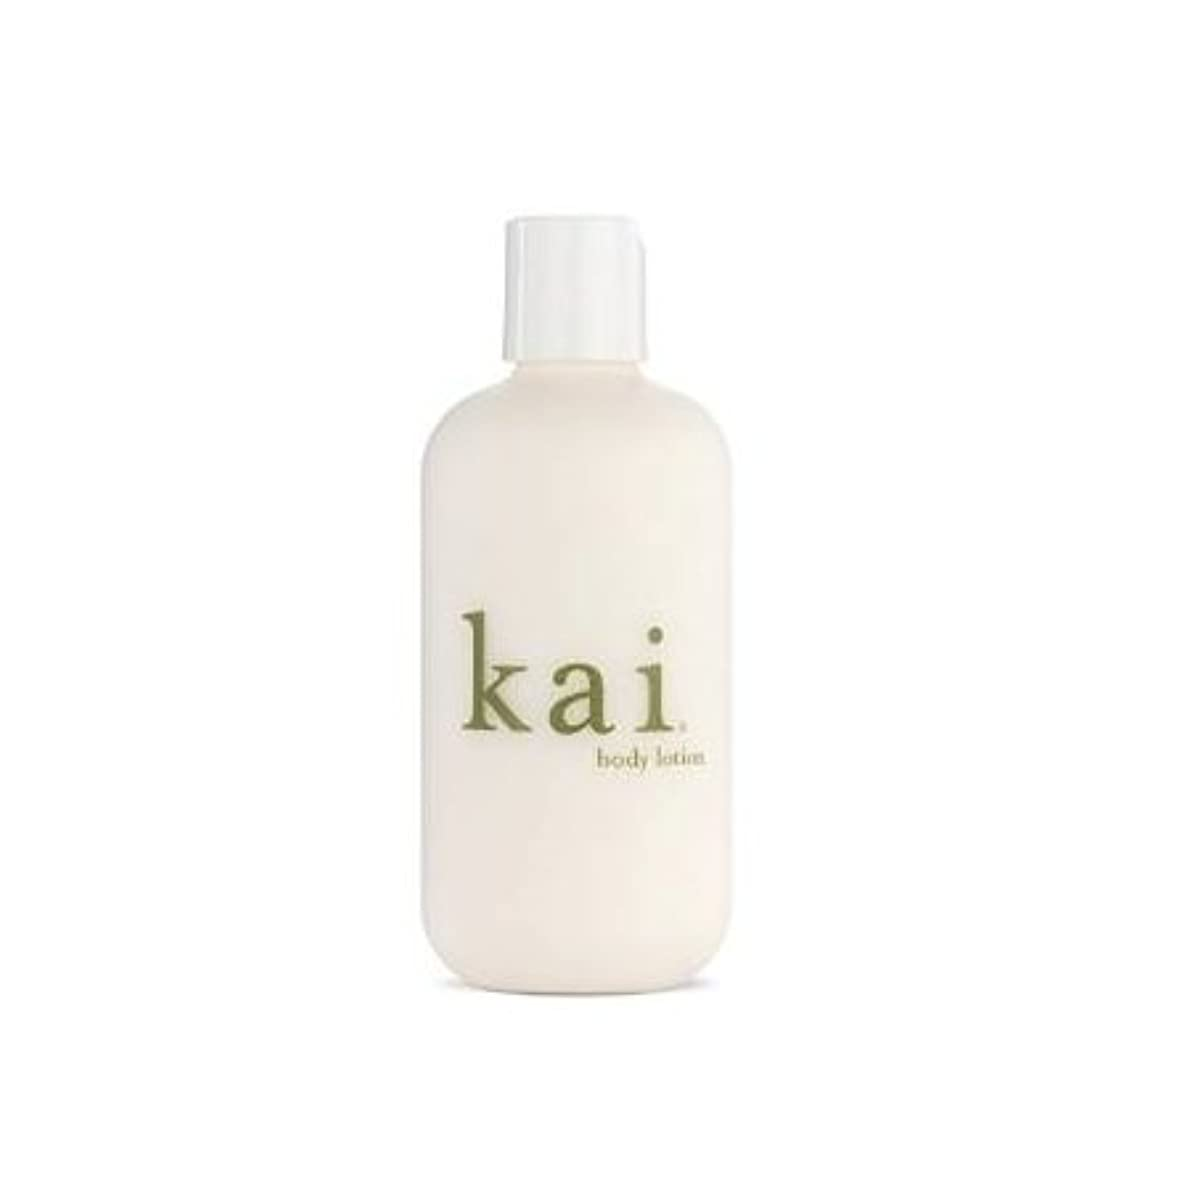 発掘するネックレス食品Kai Body Lotion (カイ ボディーローション) 8.0 oz (240ml) for Women